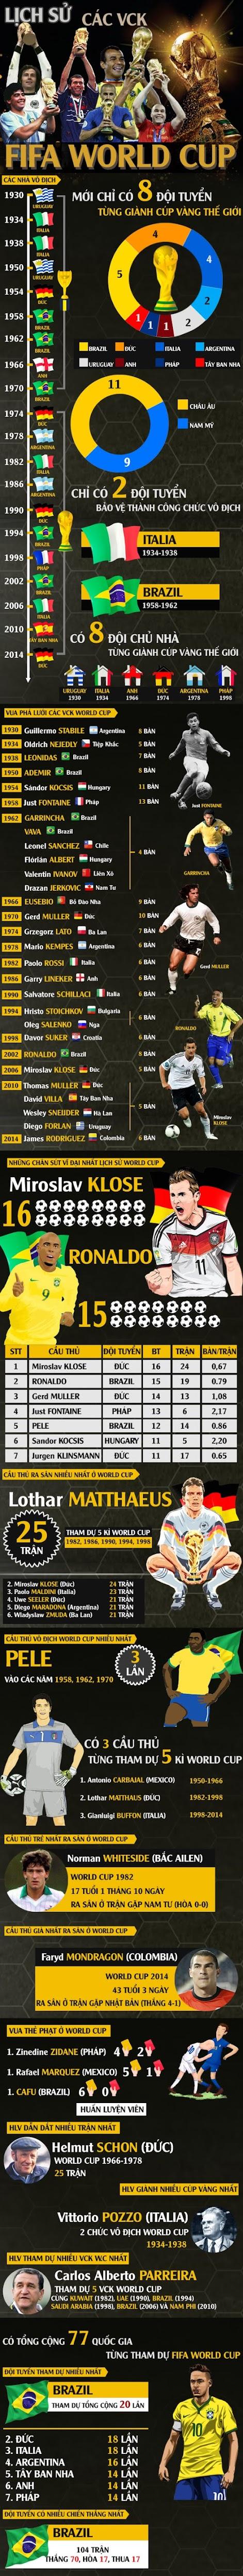 ĐỒ HỌA: Lịch sử các VCK FIFA World Cup